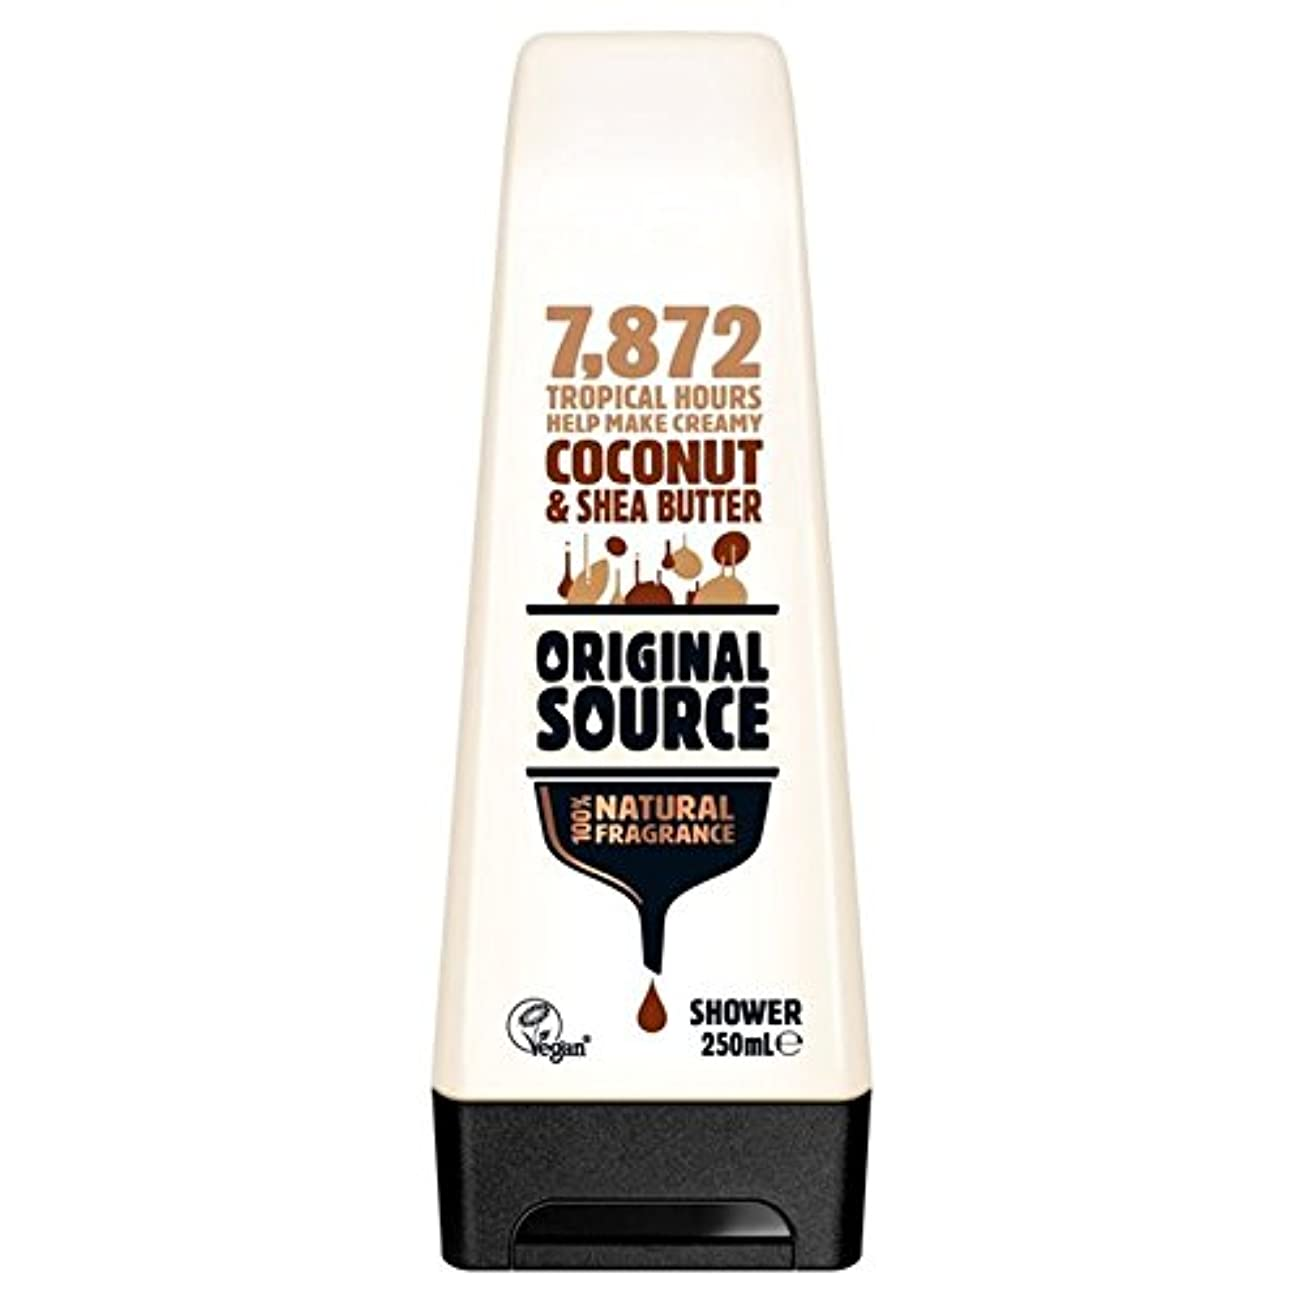 歴史家ジュラシックパーク引き出すOriginal Source Moisturising Coconut & Shea Butter Shower Gel 250ml - 元のソース保湿ココナッツ&シアバターシャワージェル250ミリリットル [並行輸入品]